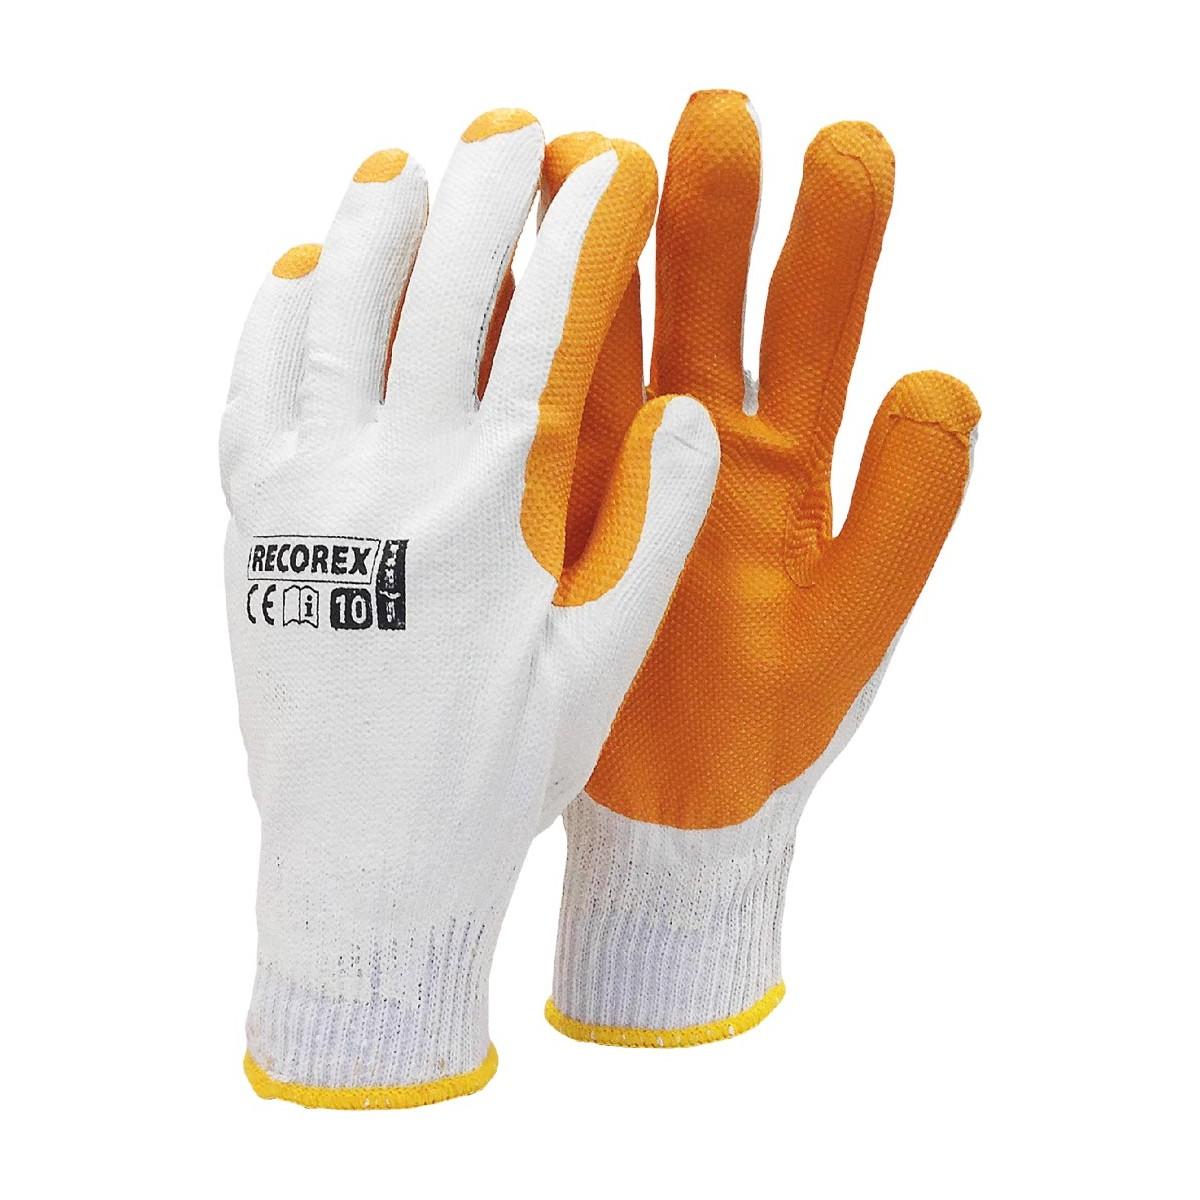 Rękawice ochronne dla brukarzy REIS RECOREX WP r. 10